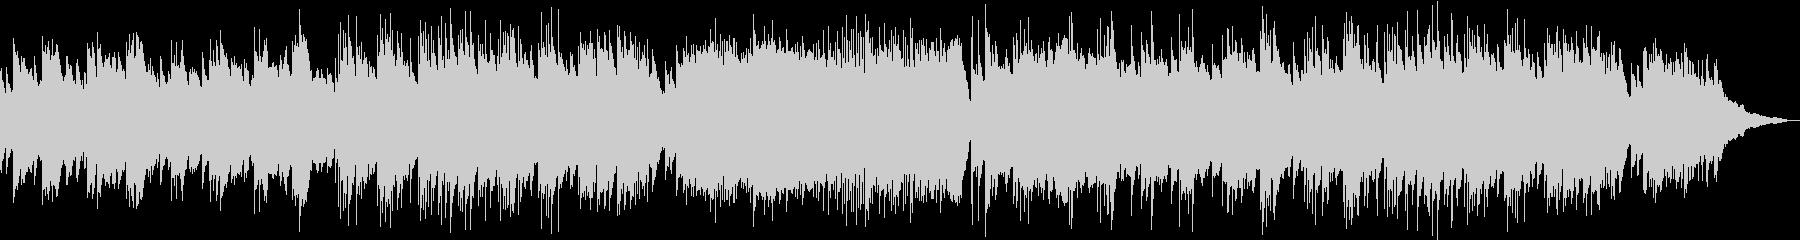 セクシーなタンゴ風ピアノソロの未再生の波形